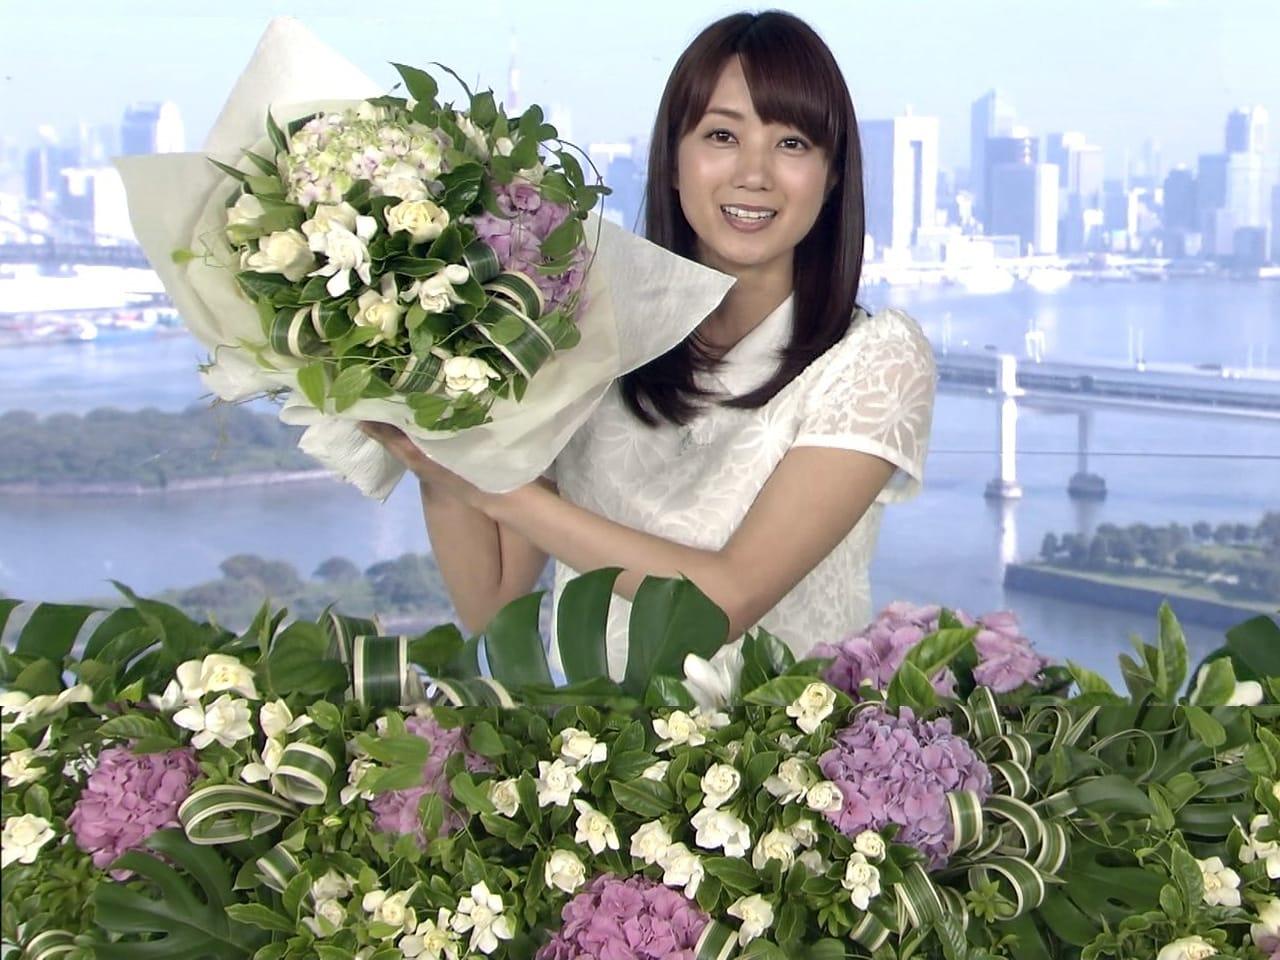 小野彩香の画像 p1_24